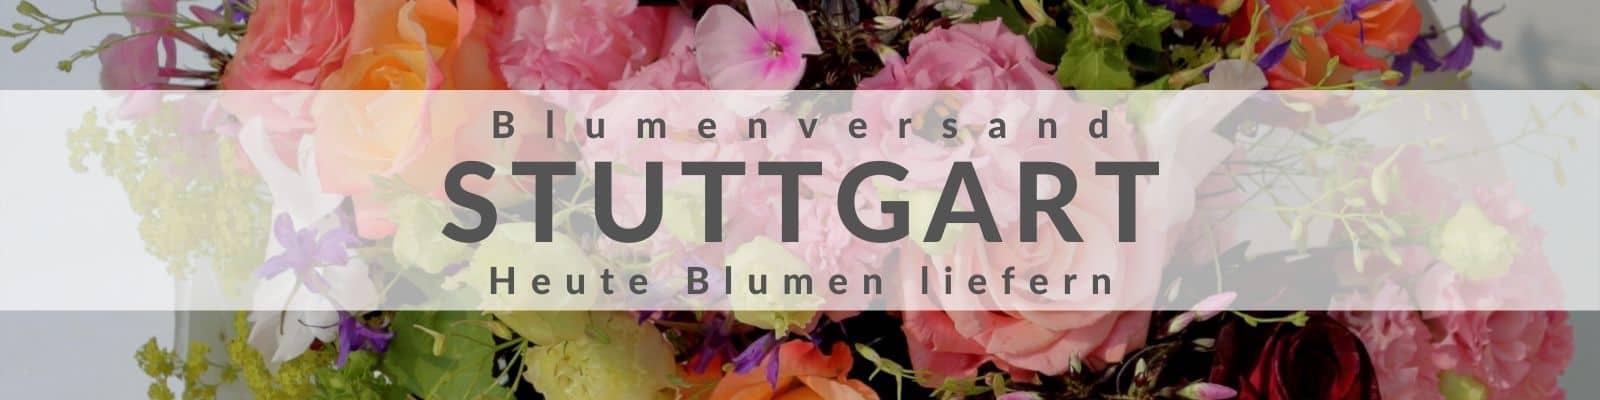 Blumen verschicken Stuttgart - Blumenversand